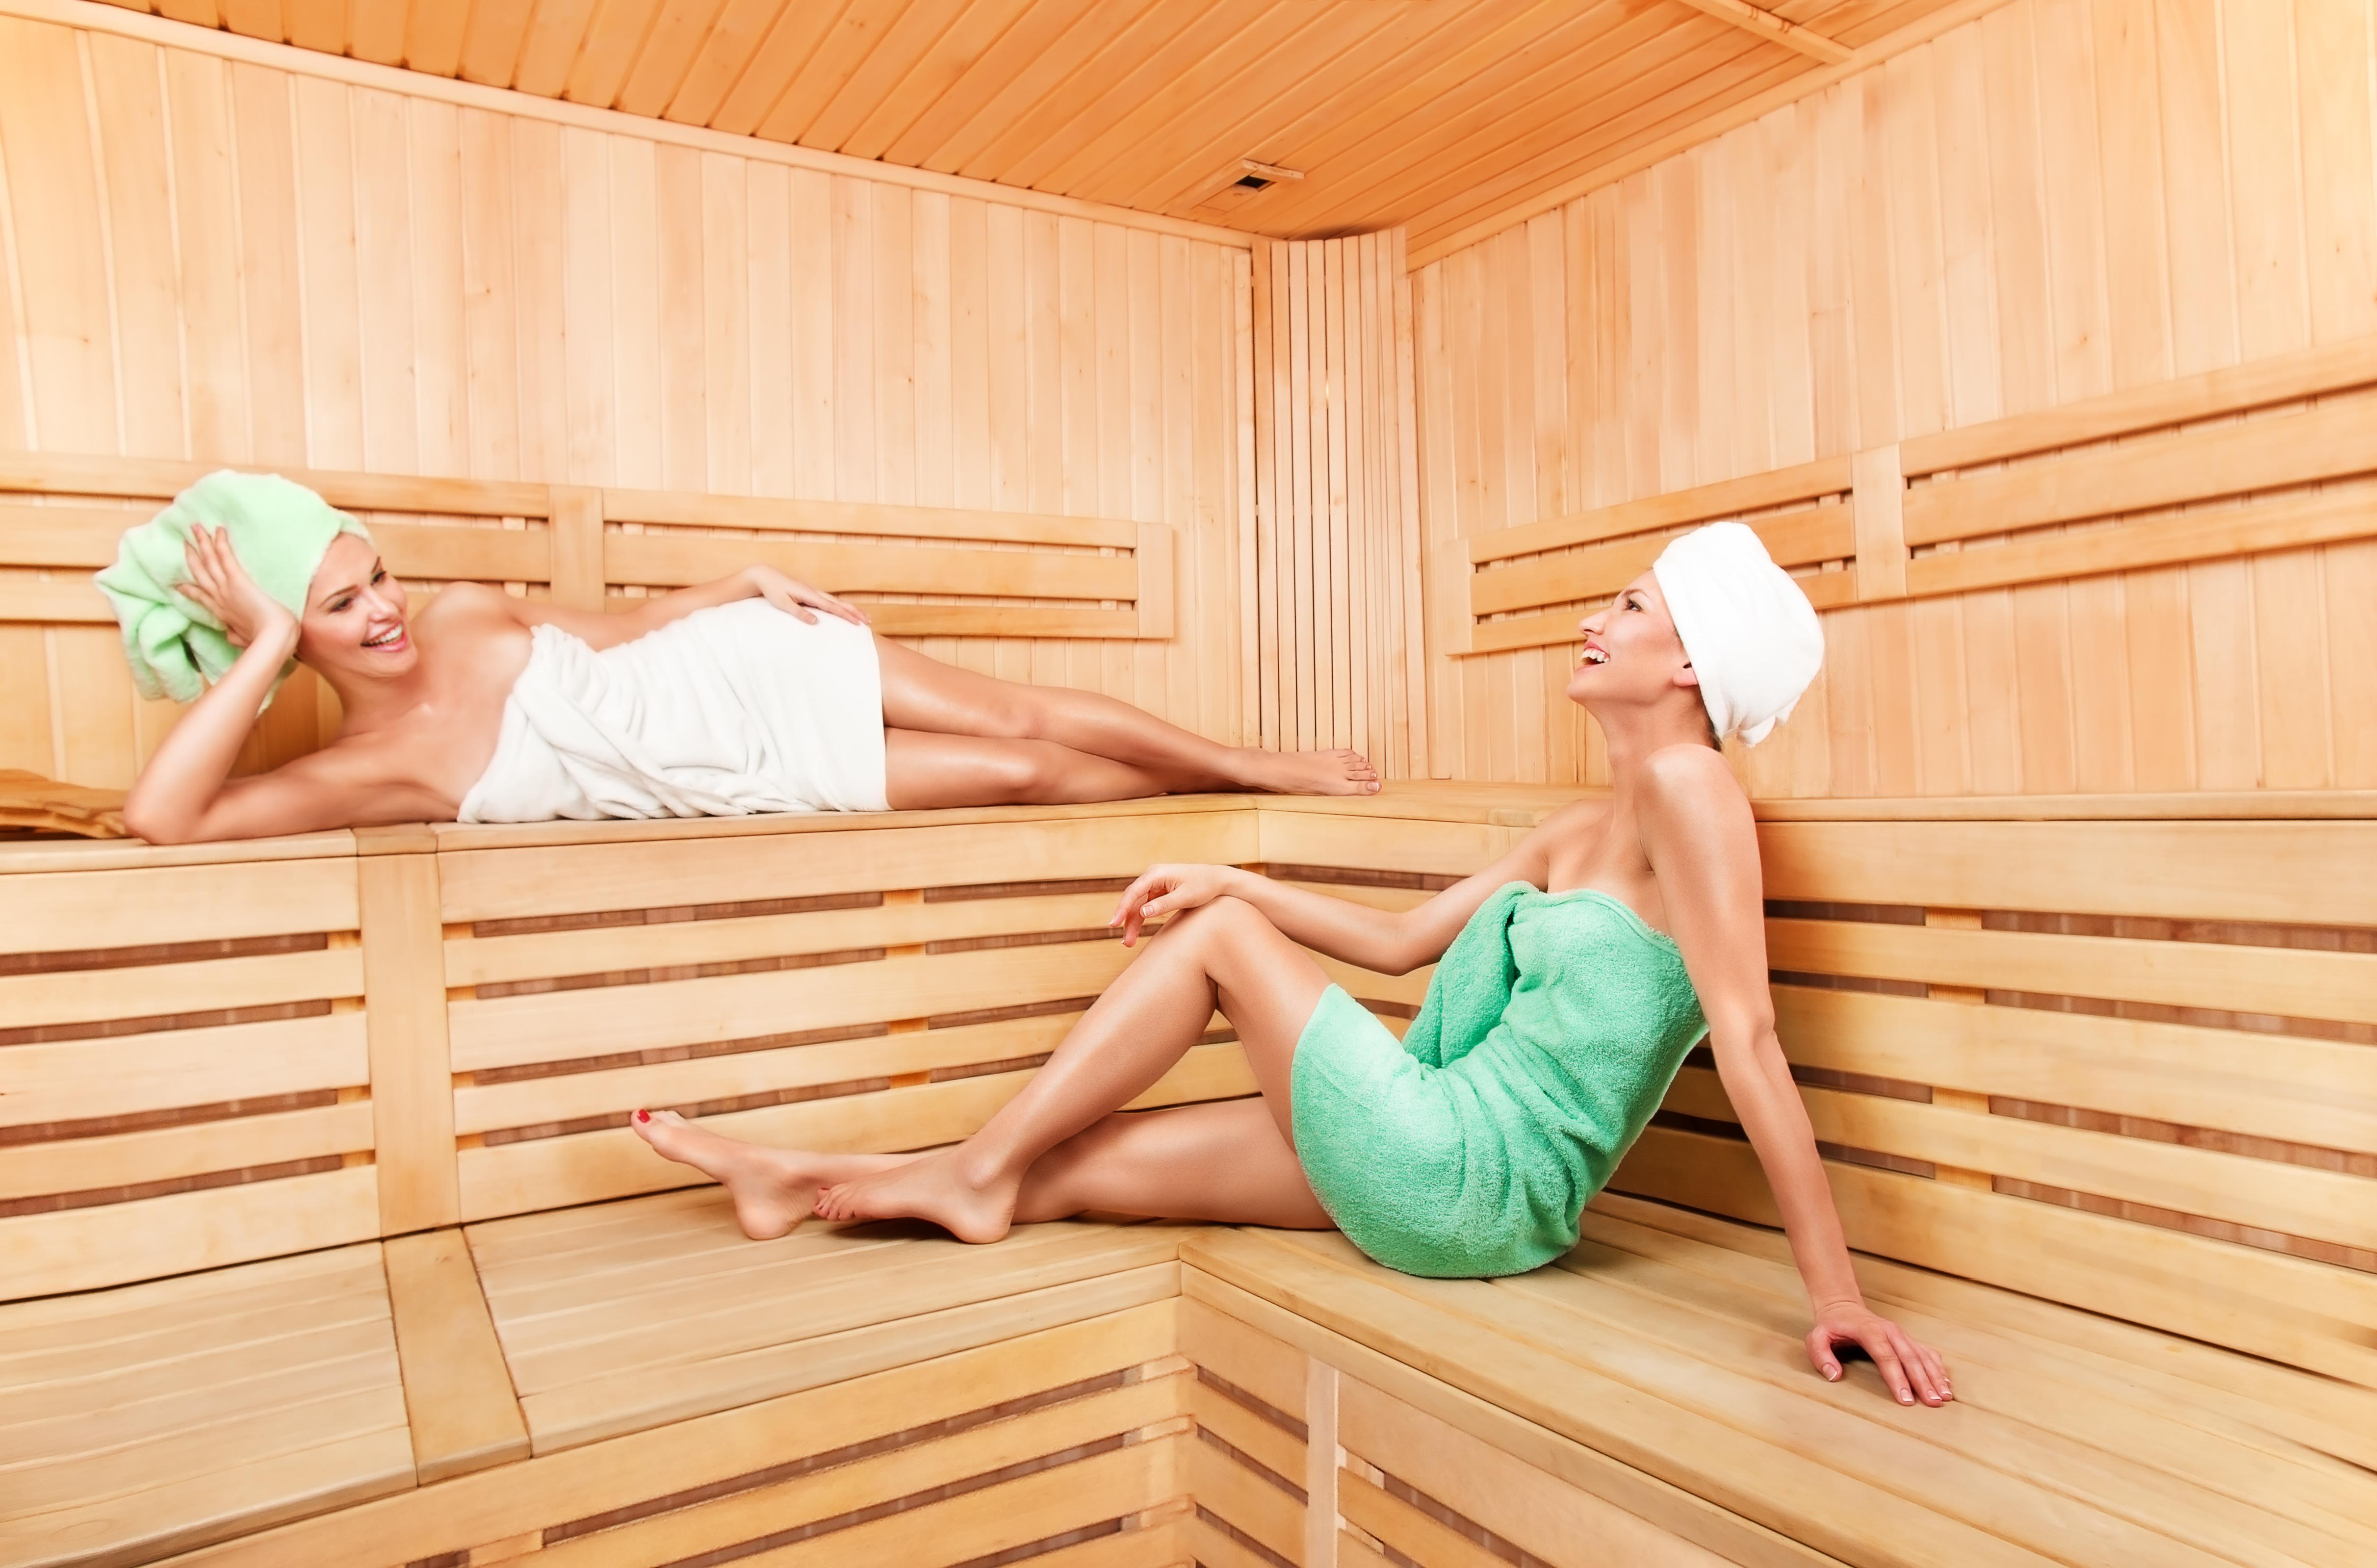 schwitzen und schm kern greenline reisewelten. Black Bedroom Furniture Sets. Home Design Ideas